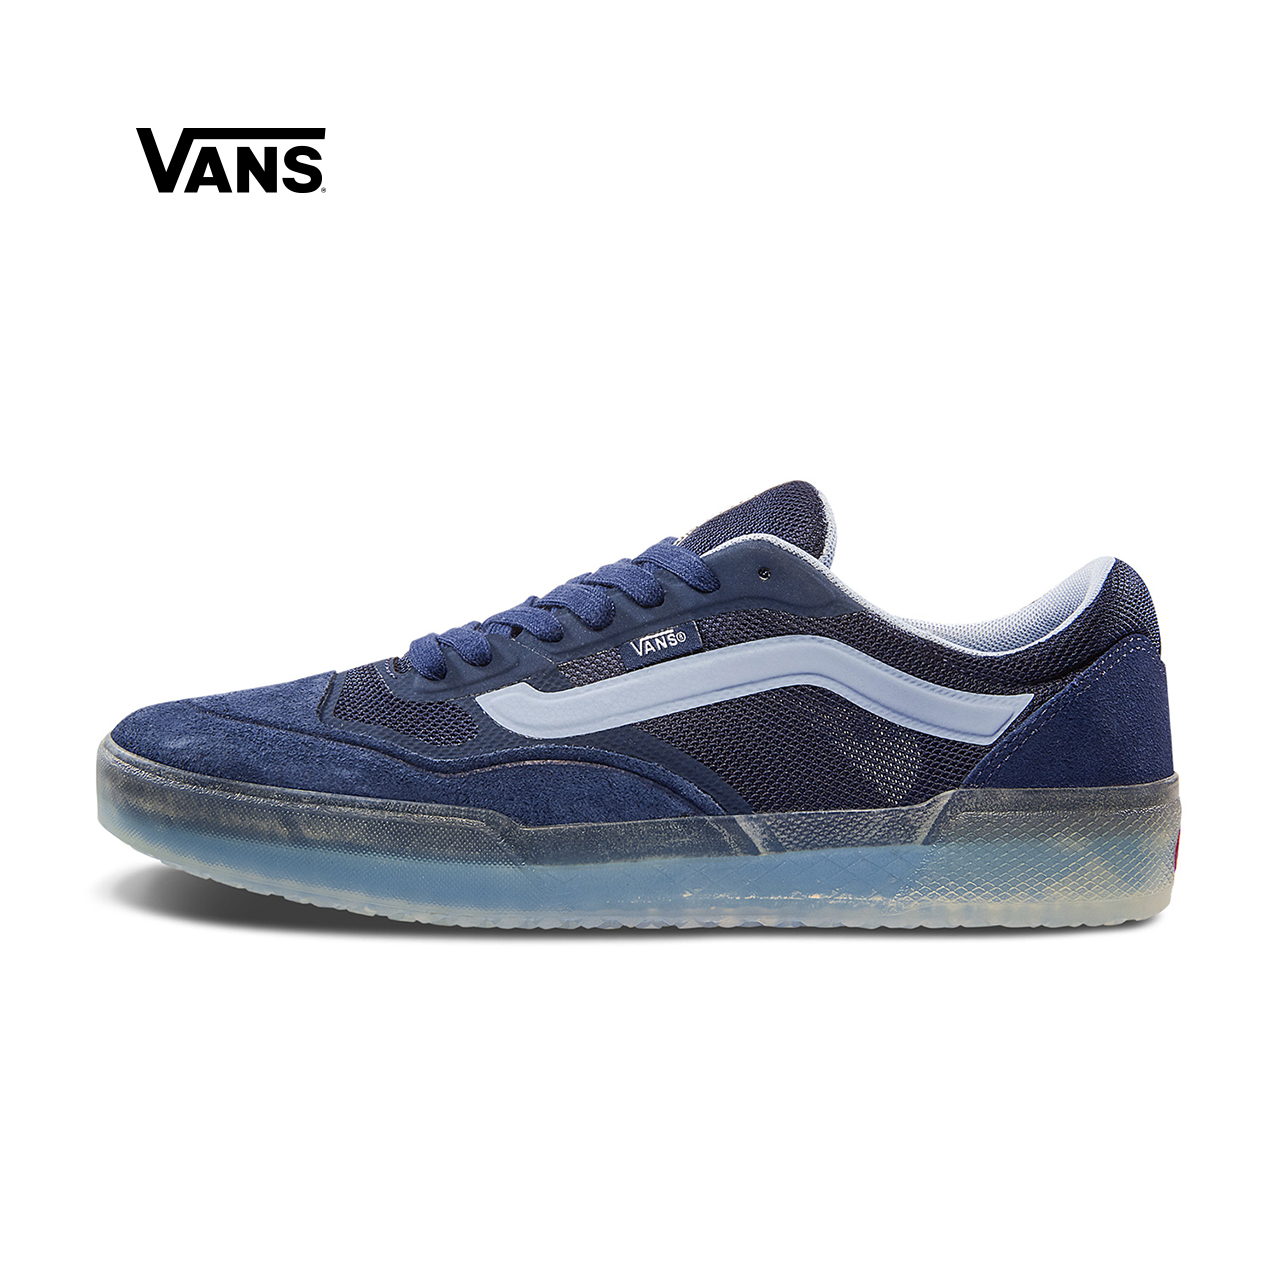 热销235件买三送一vans范斯职业滑板系列低帮滑板鞋